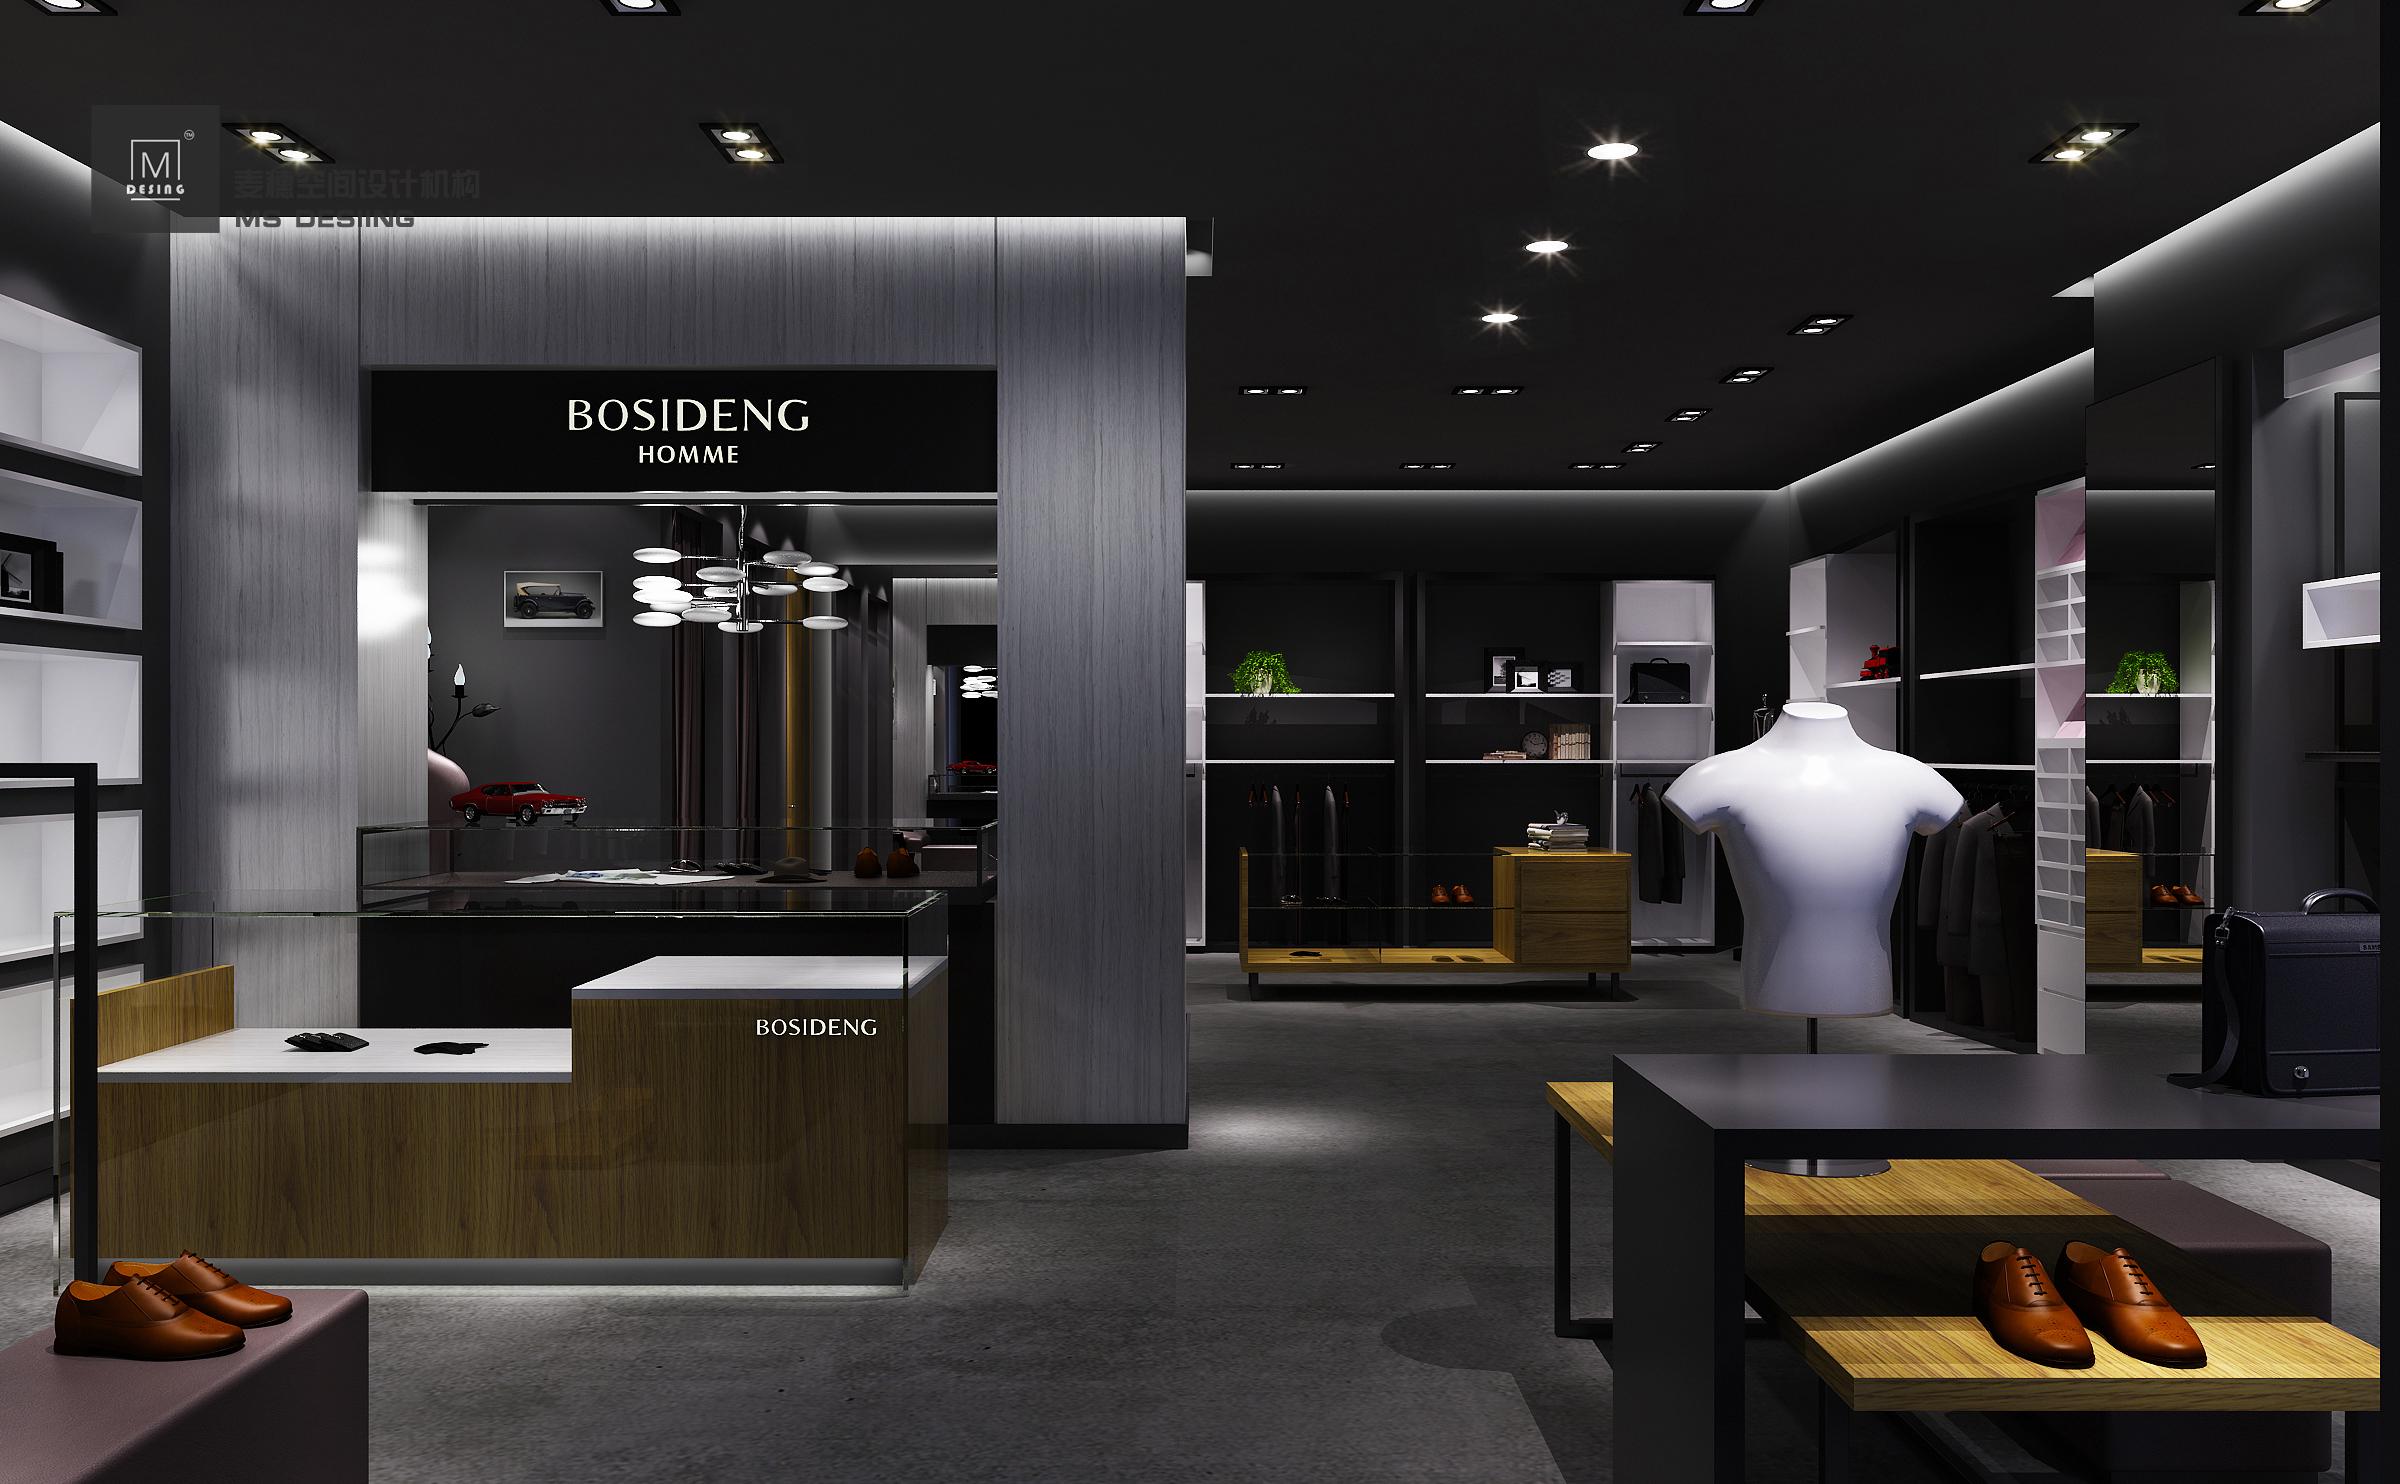 【麦穗】服装店装修设计专卖的设计男装女装效果图设计